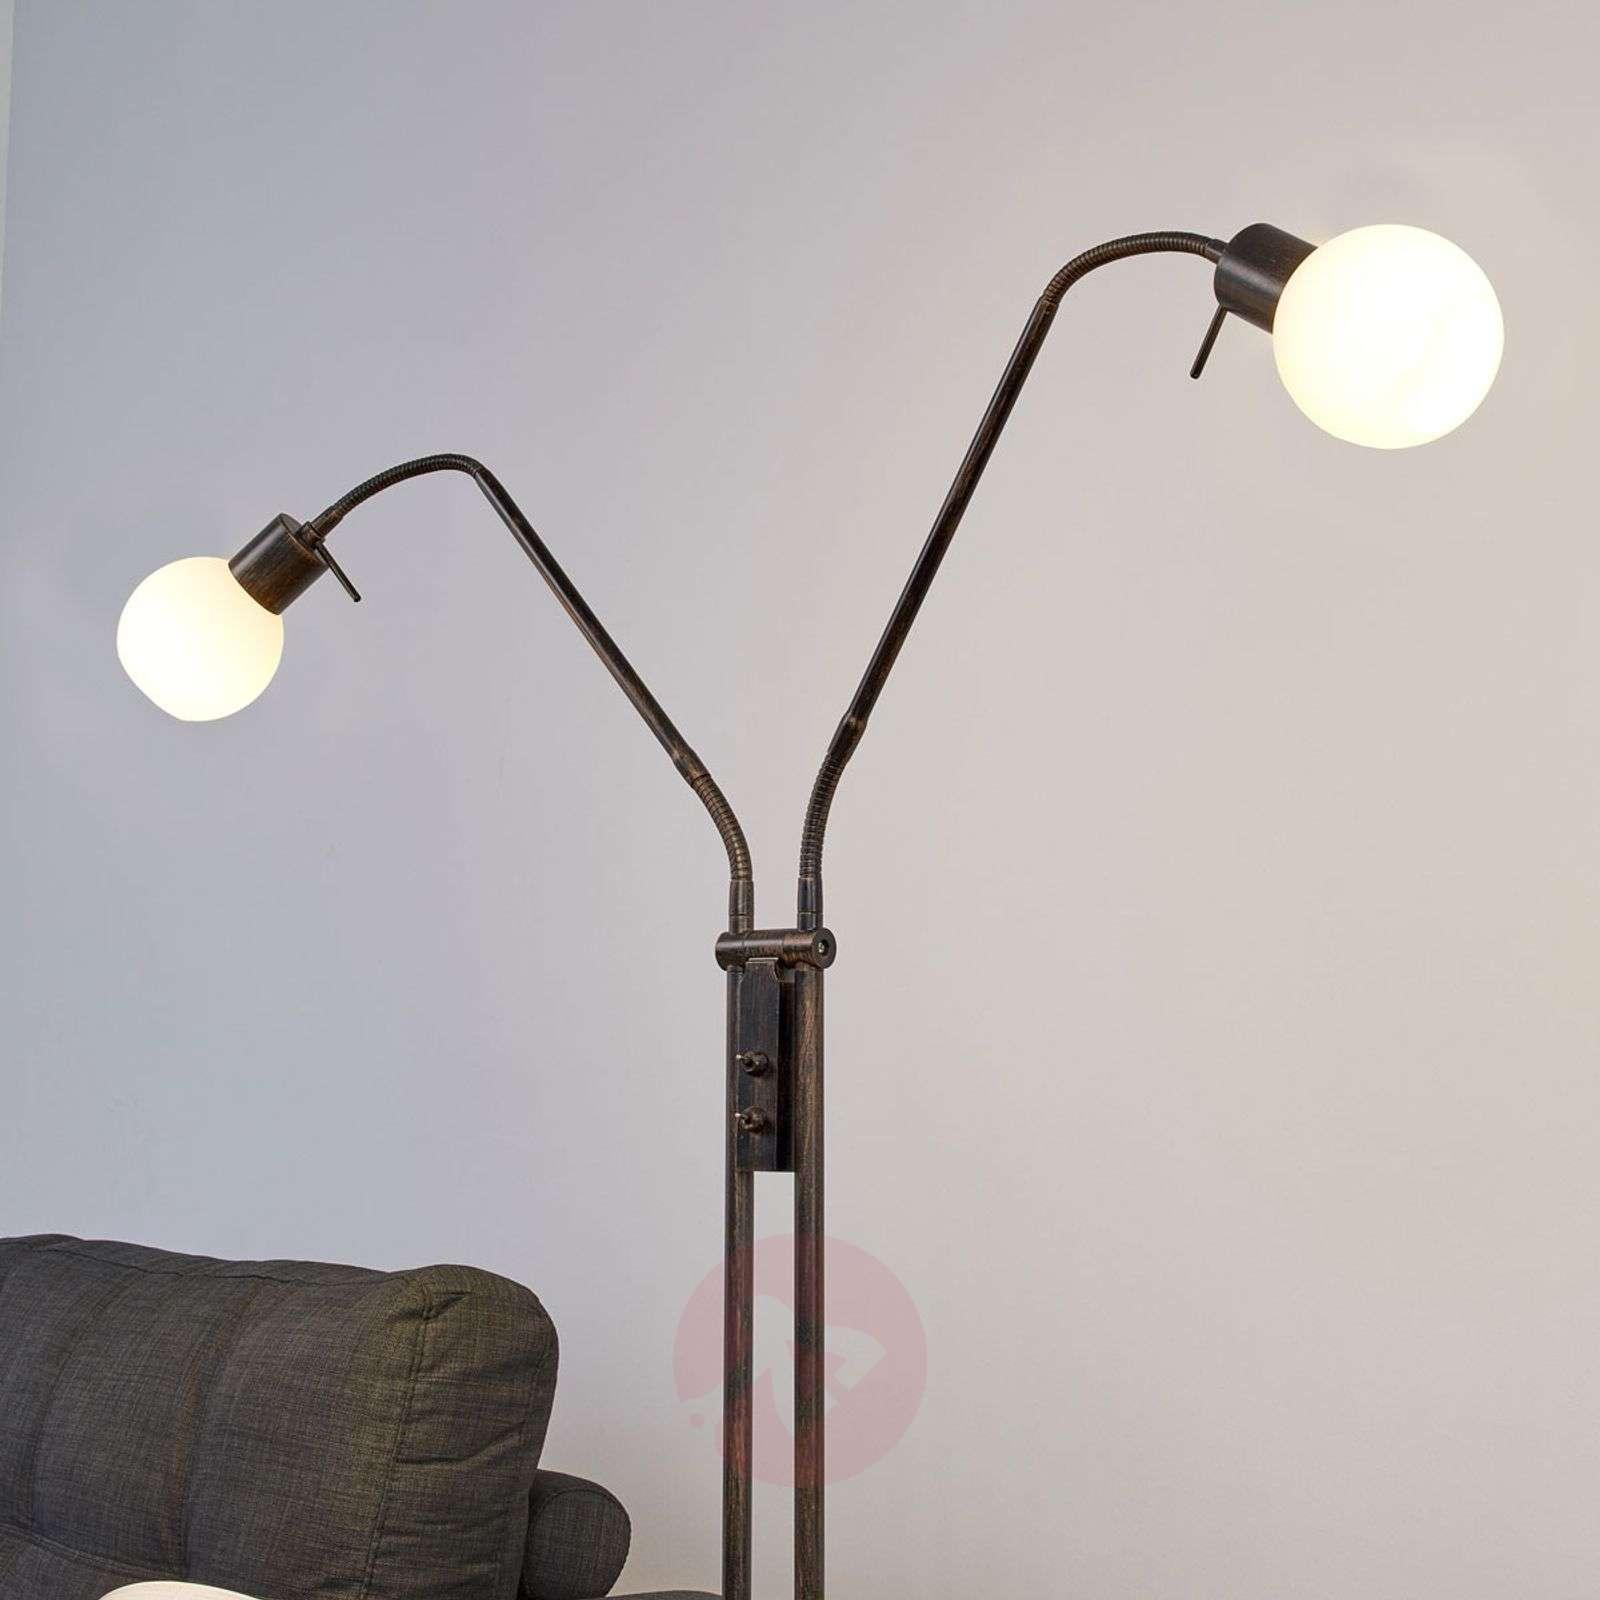 Ruosteenvärinen LED-lattiavalaisin Elaina-9620016-01